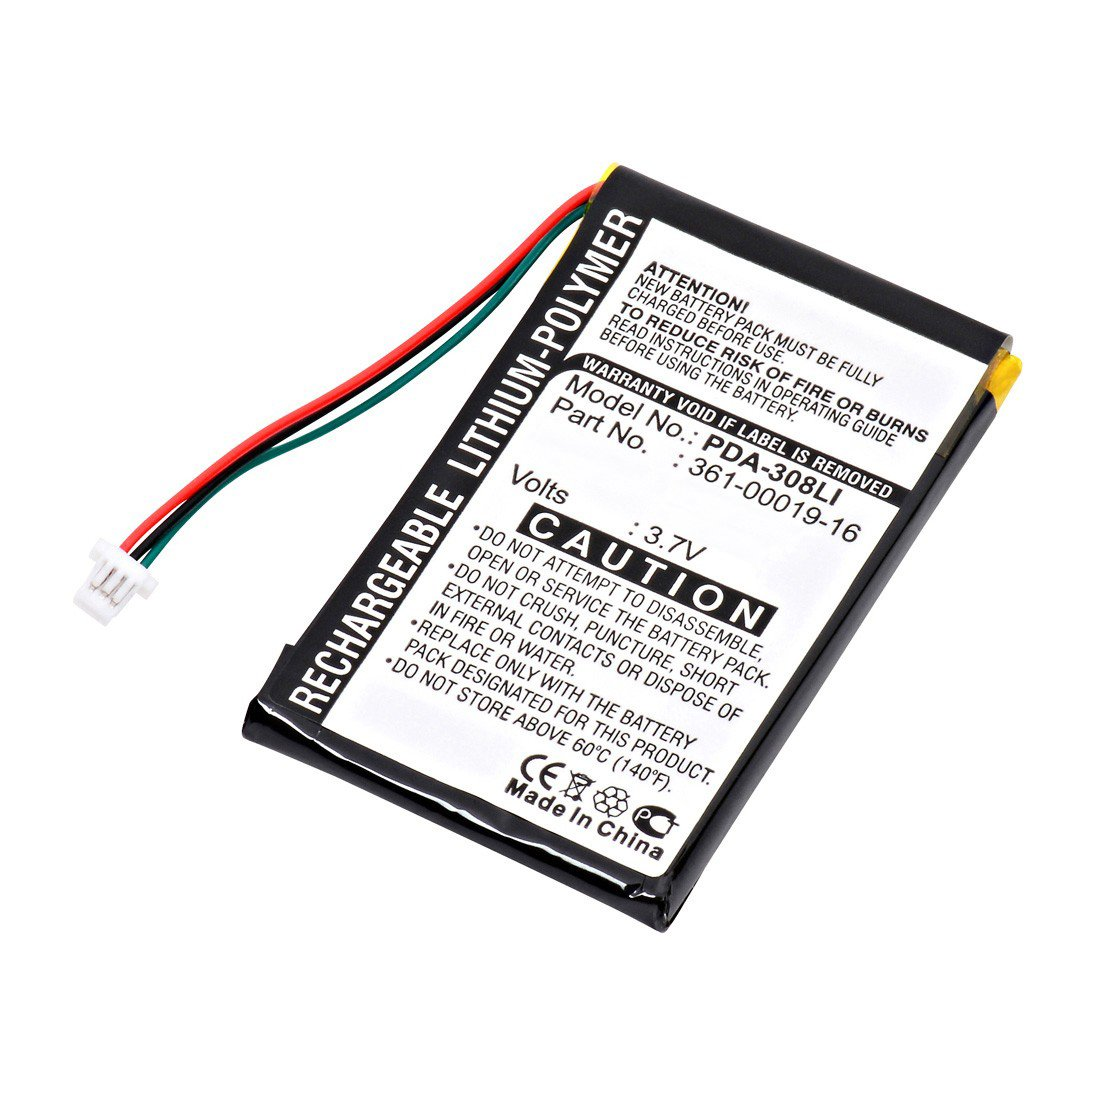 Replacement Garmin 361 16 Battery Batterymart